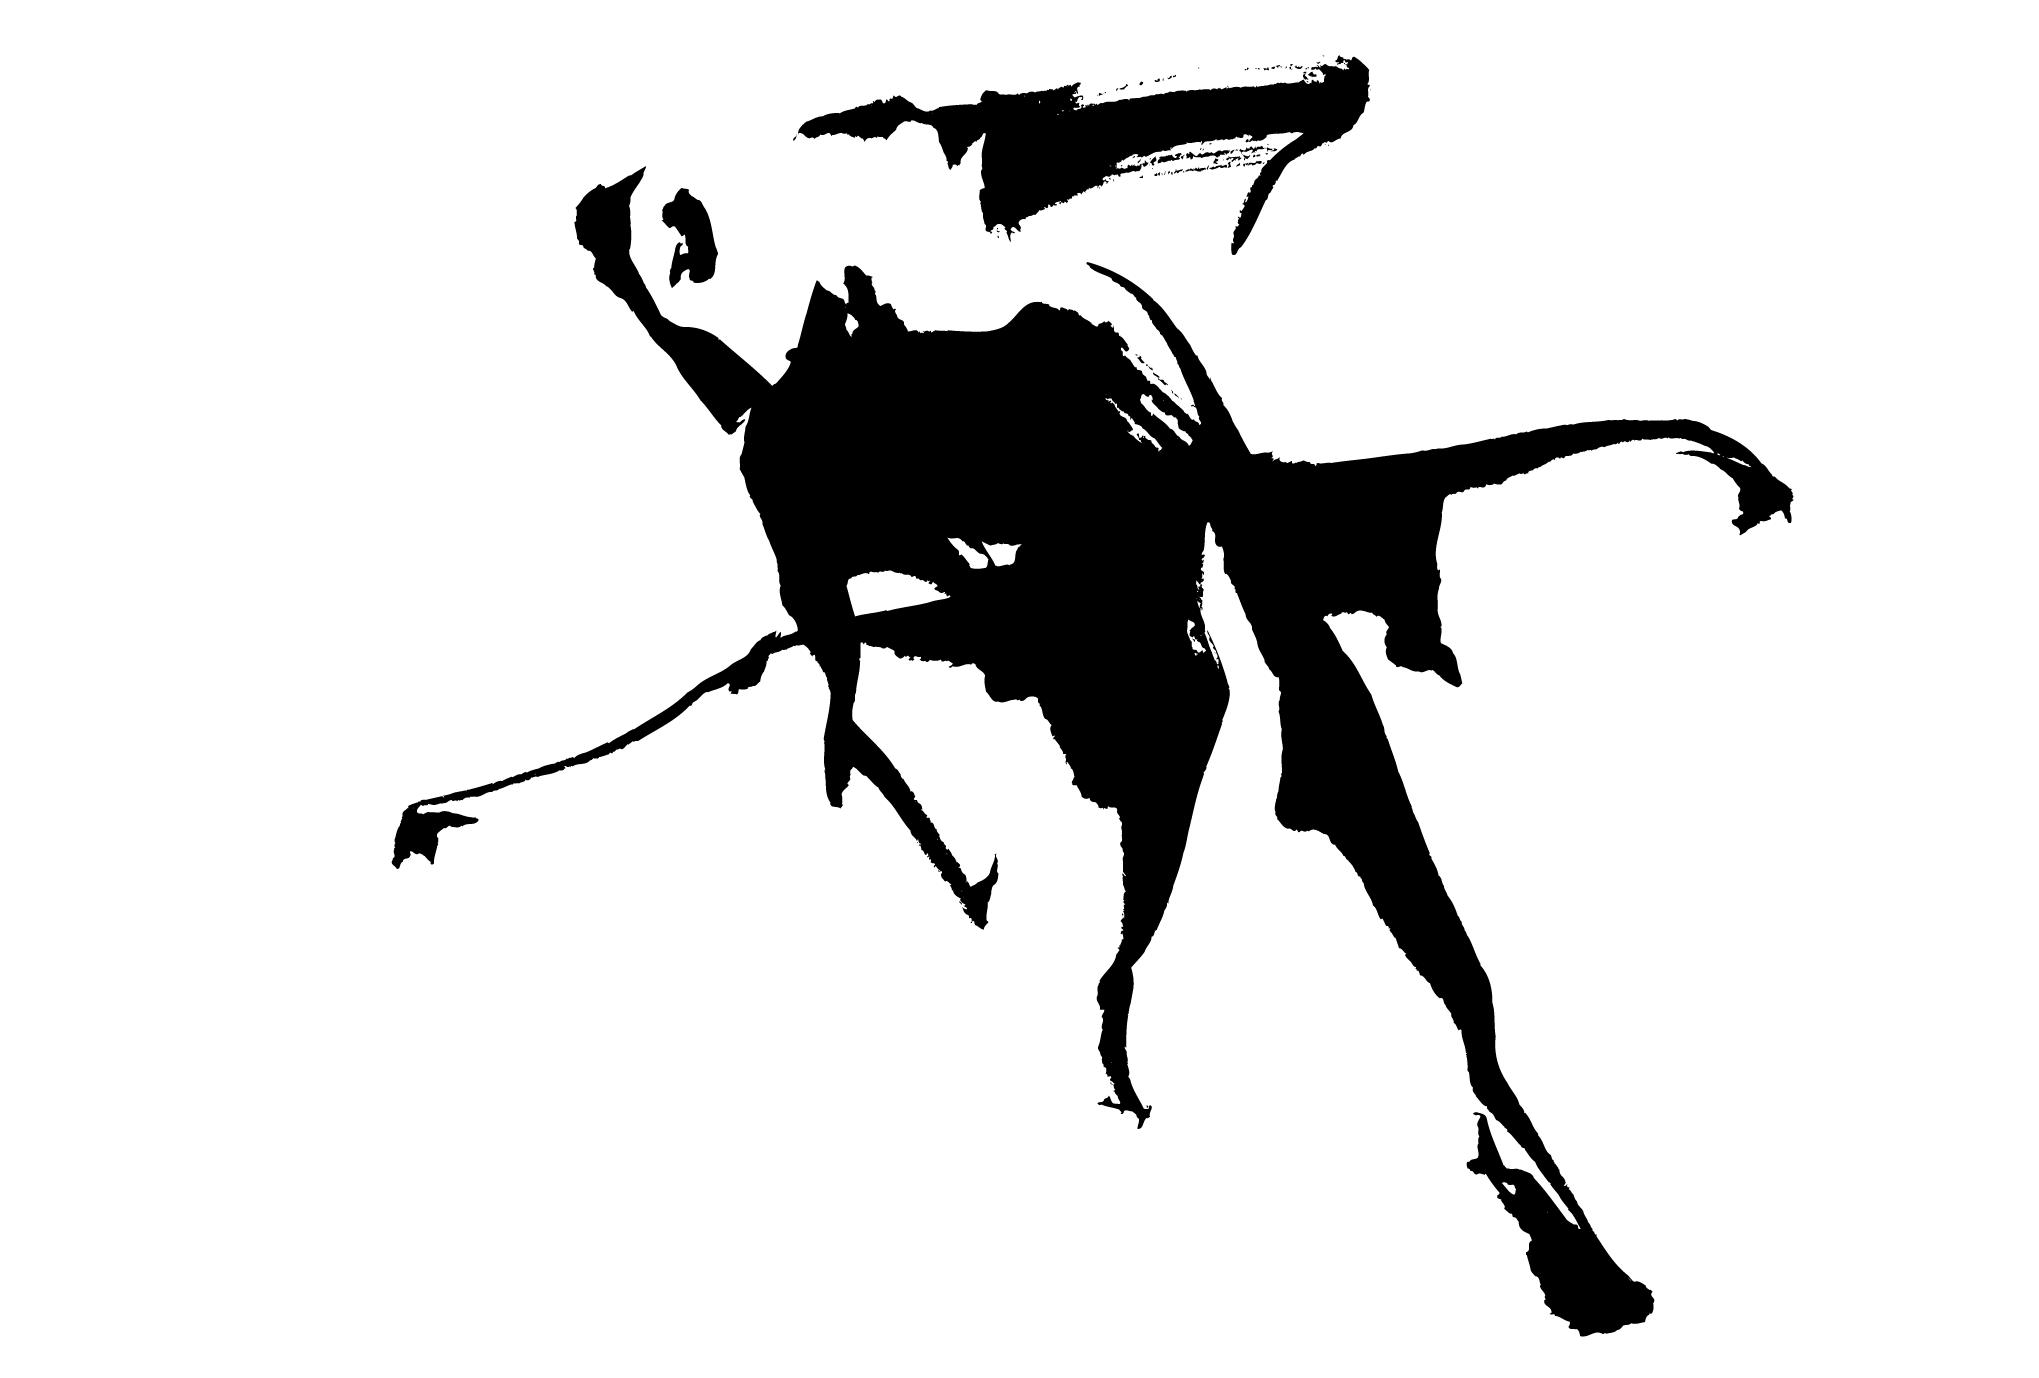 サマーカード47-2:金魚(黒)横のダウンロード画像